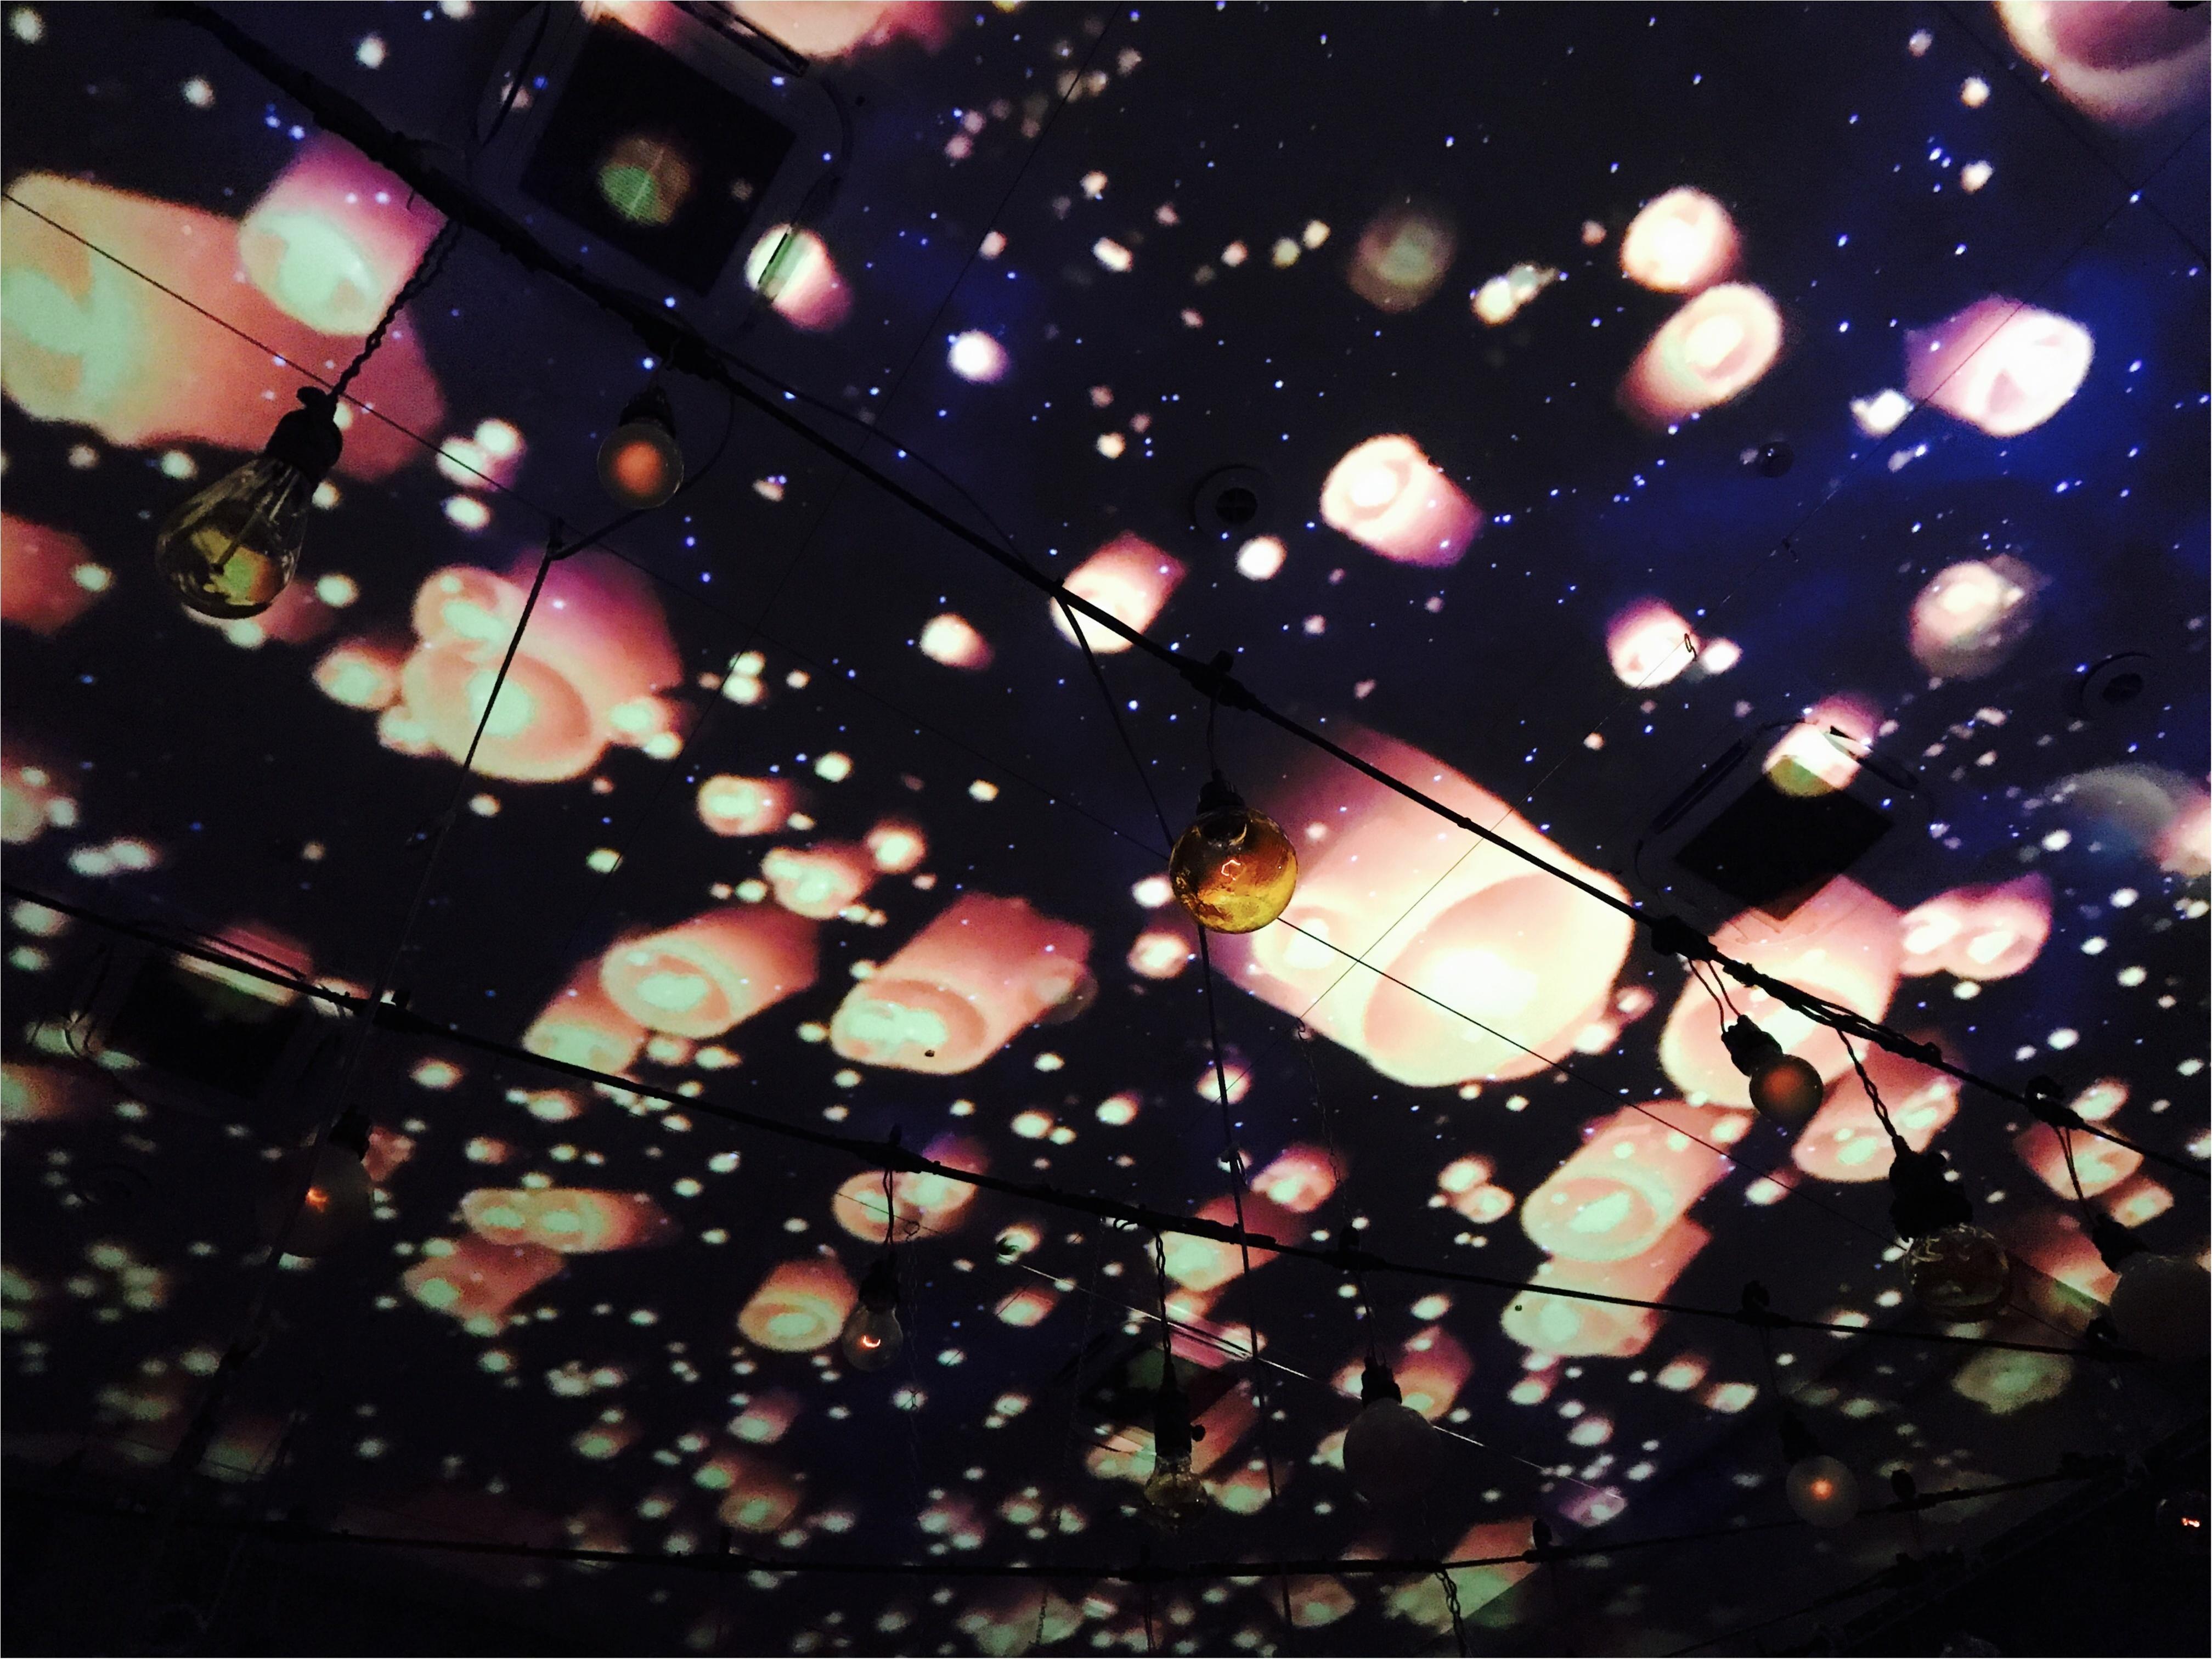 【銀座でお洒落ディナー】5/30 NEWオープン!まるでプラネタリウム!?「and people 銀座」_11